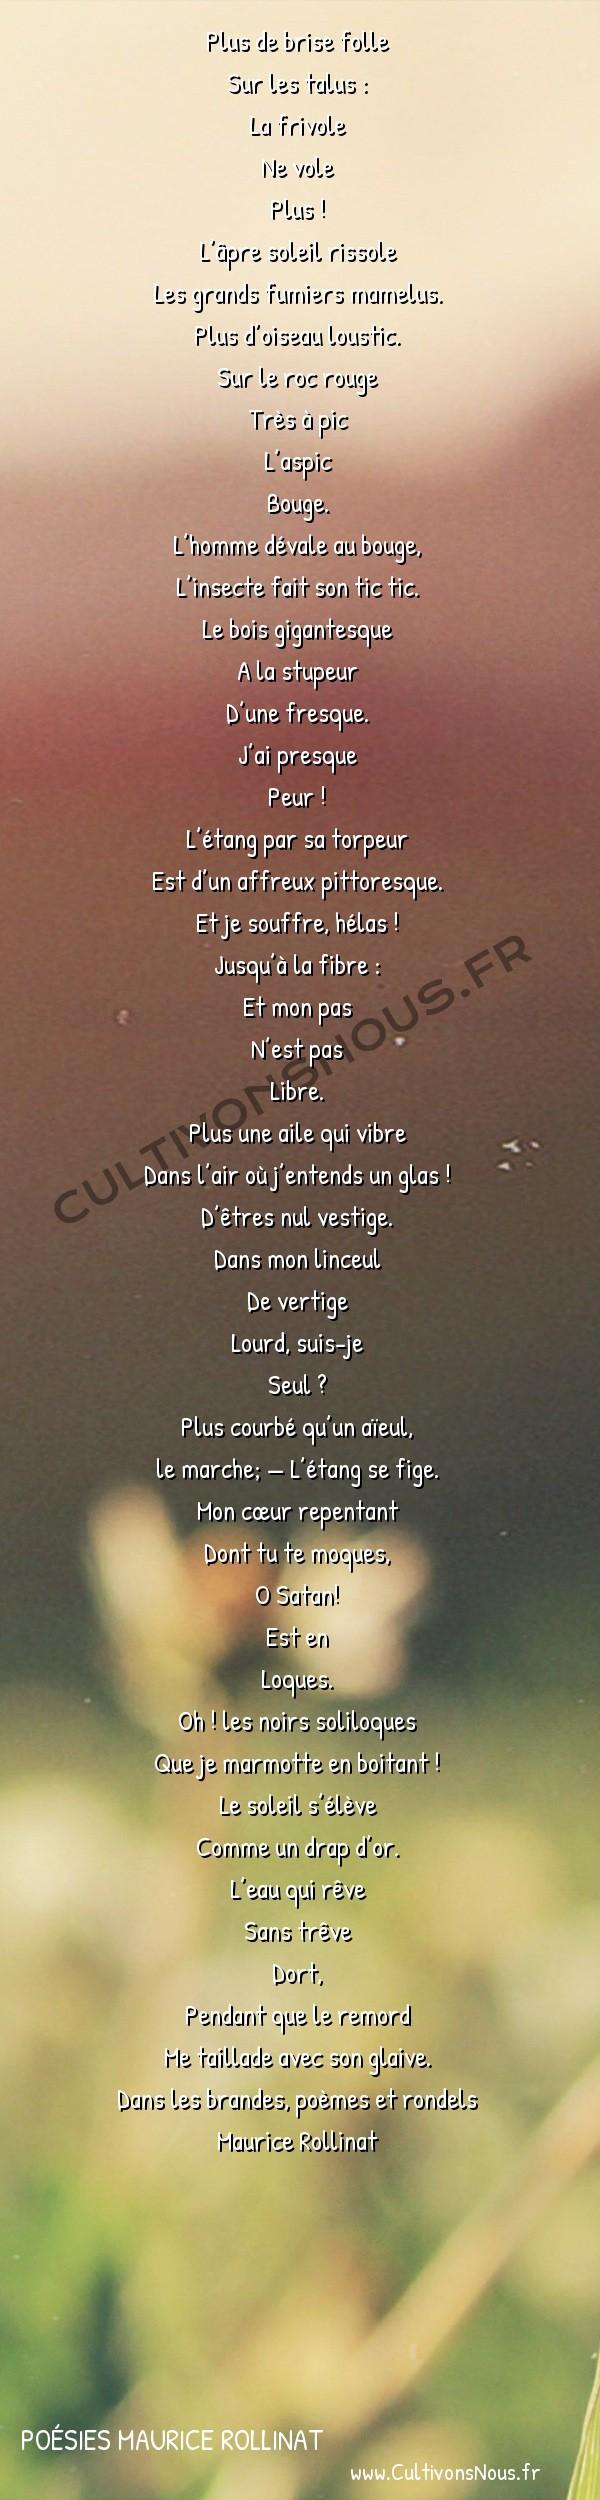 Poésies Maurice Rollinat - Dans les brandes poèmes et rondels - Le remords -  Plus de brise folle Sur les talus :